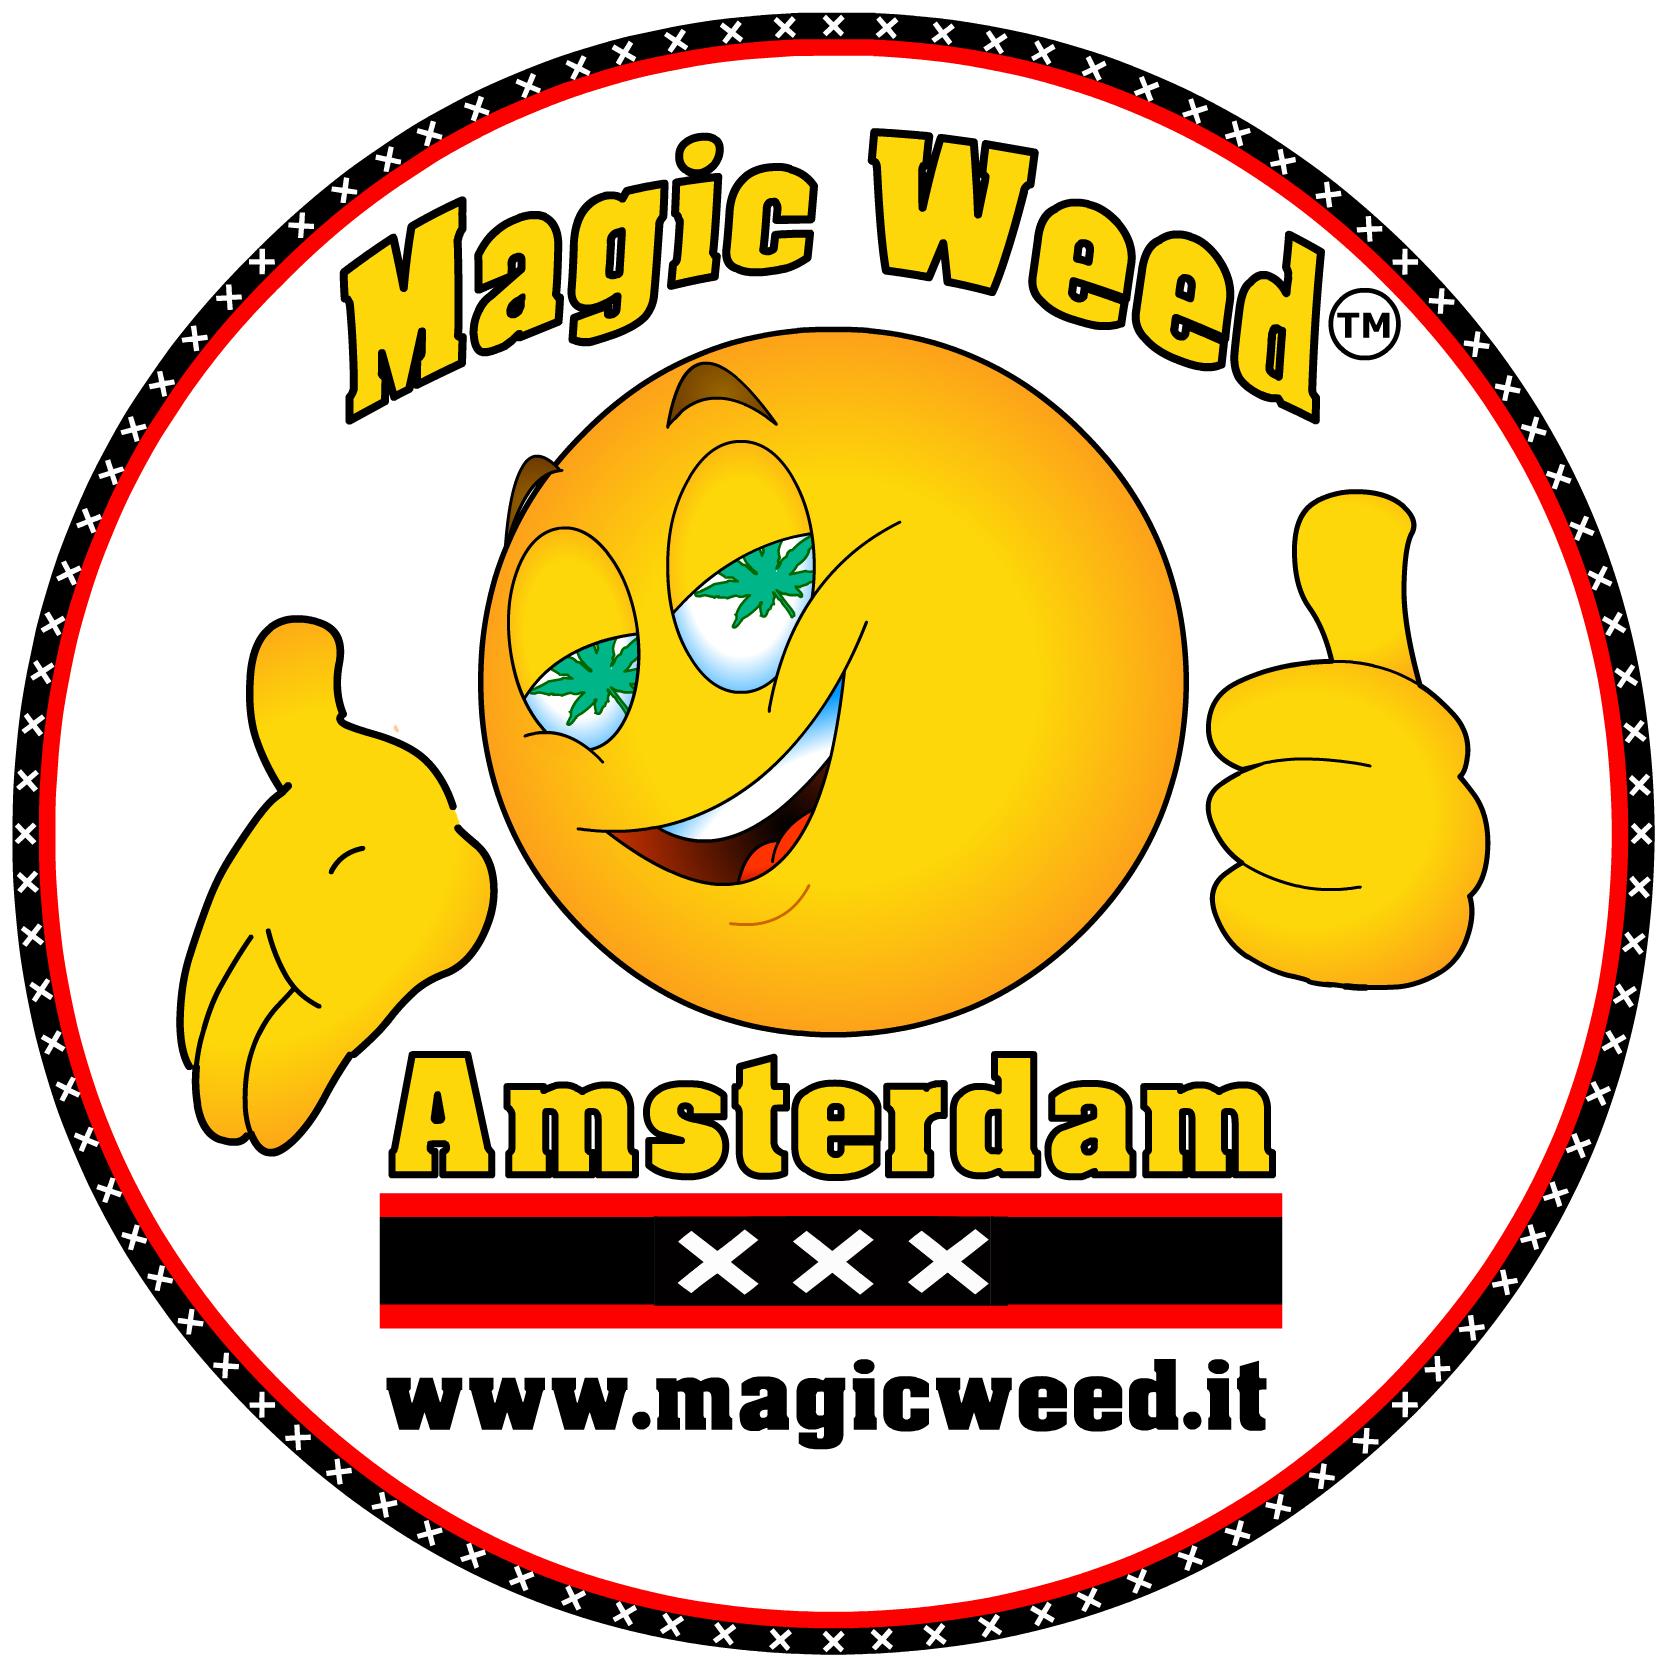 logo_magicweed_004